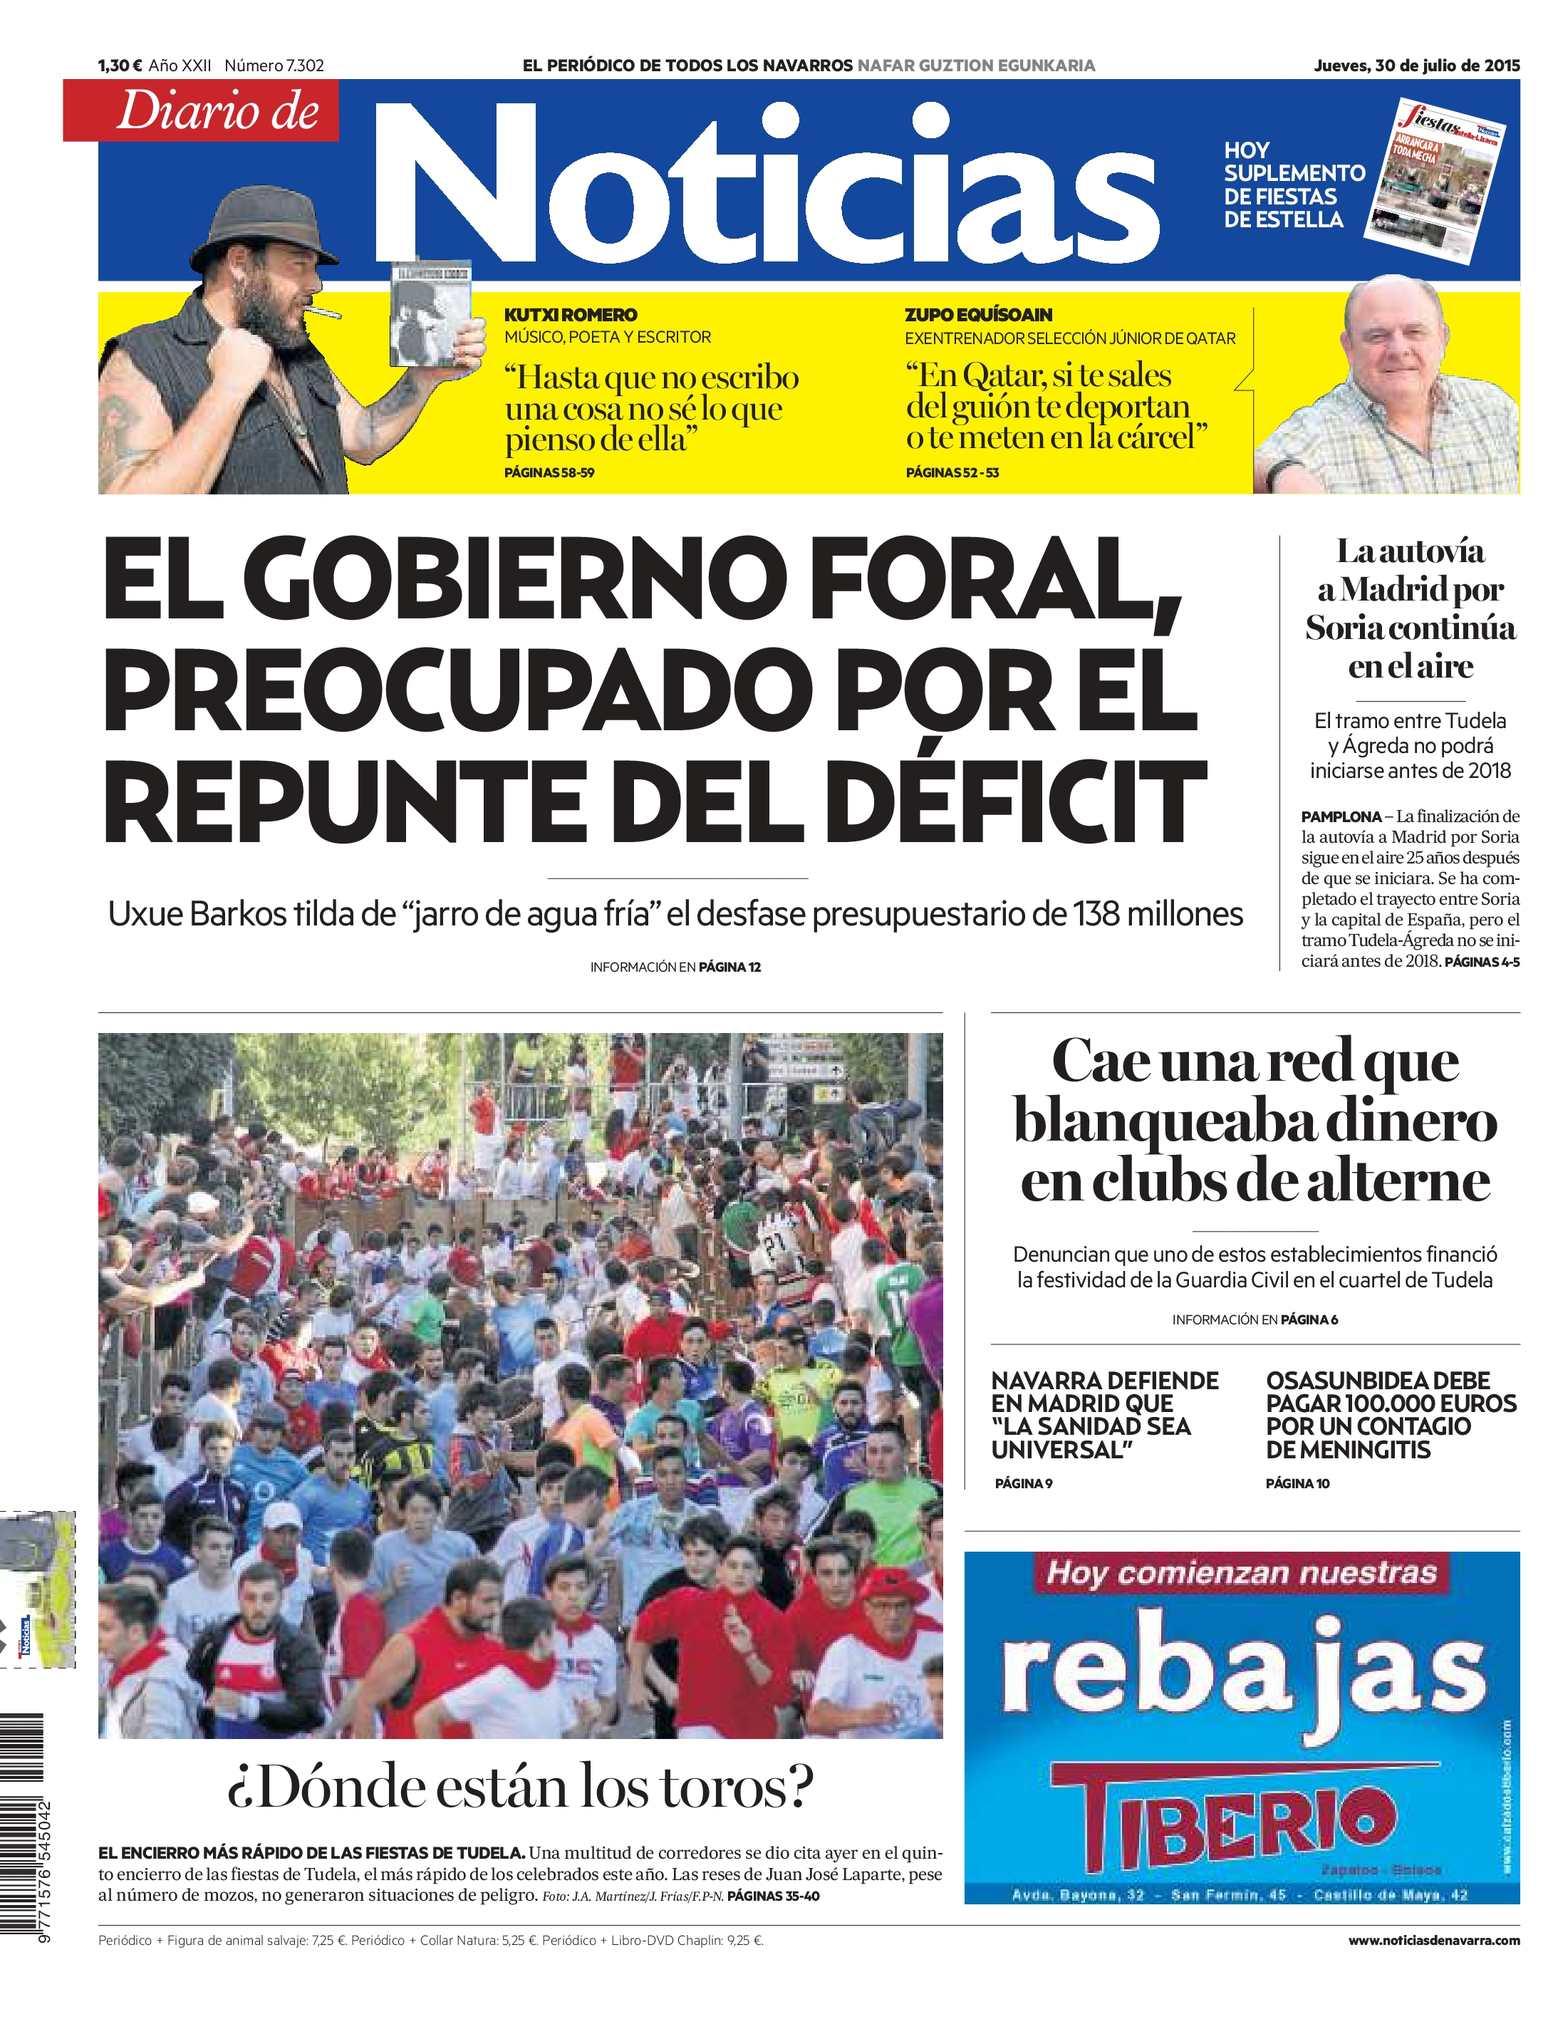 Calaméo - Diario de Noticias 20150730